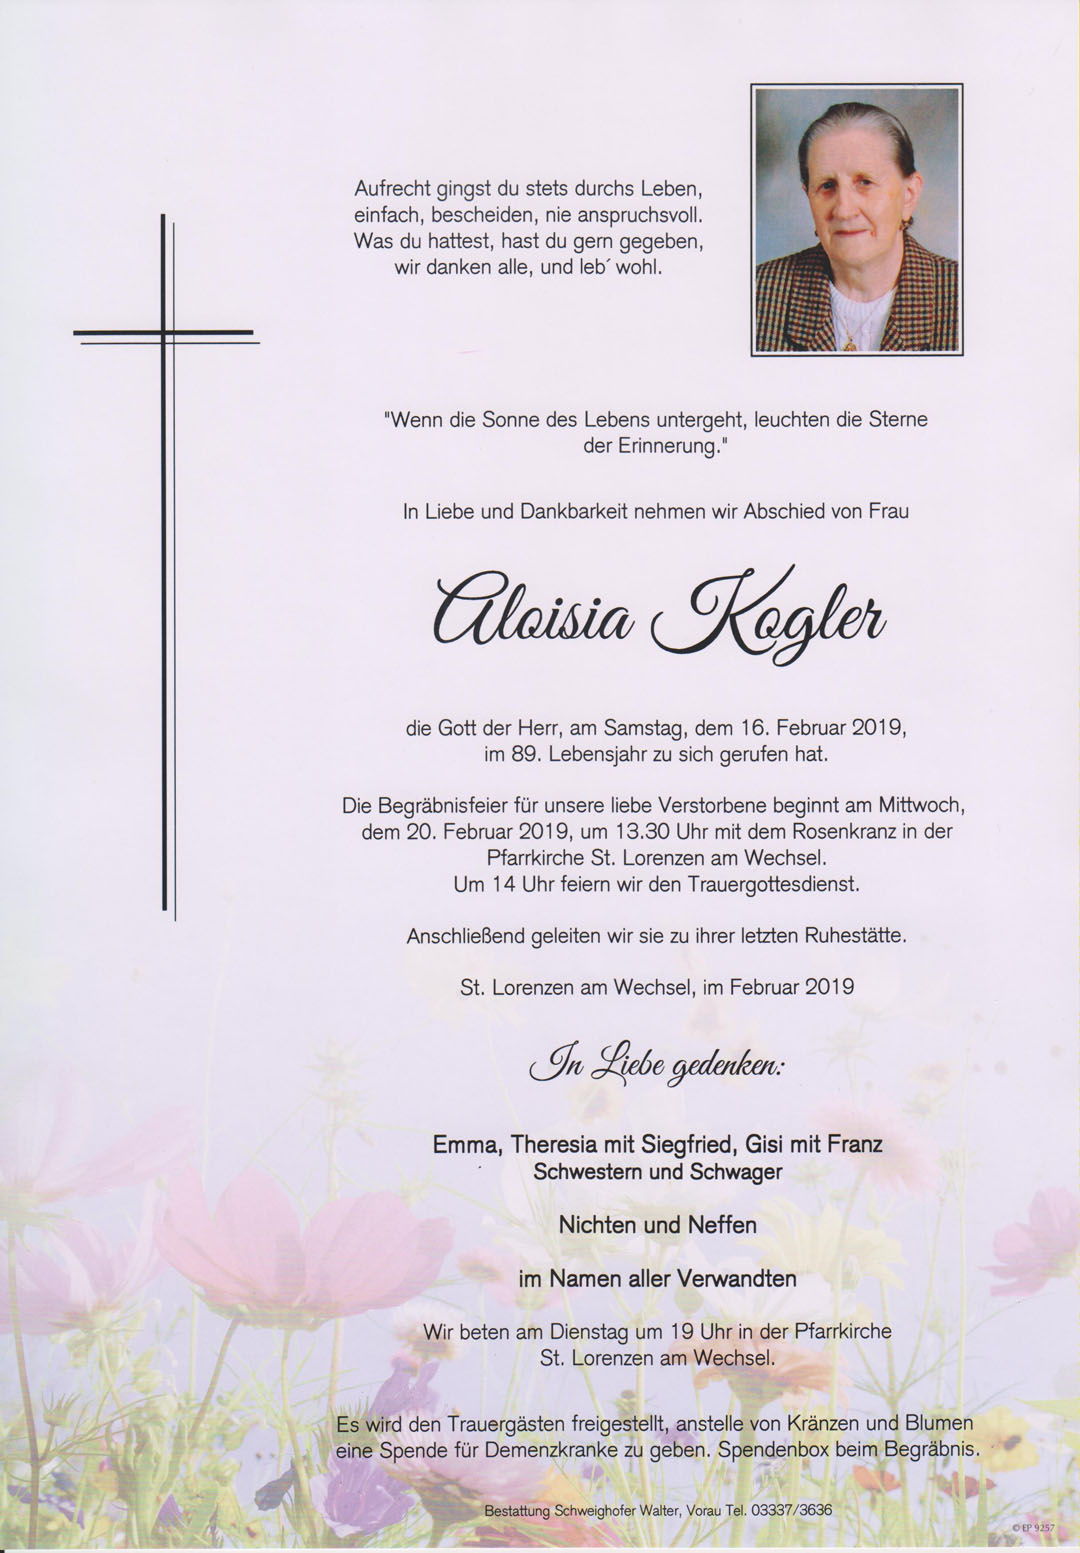 Aloisia Kogler